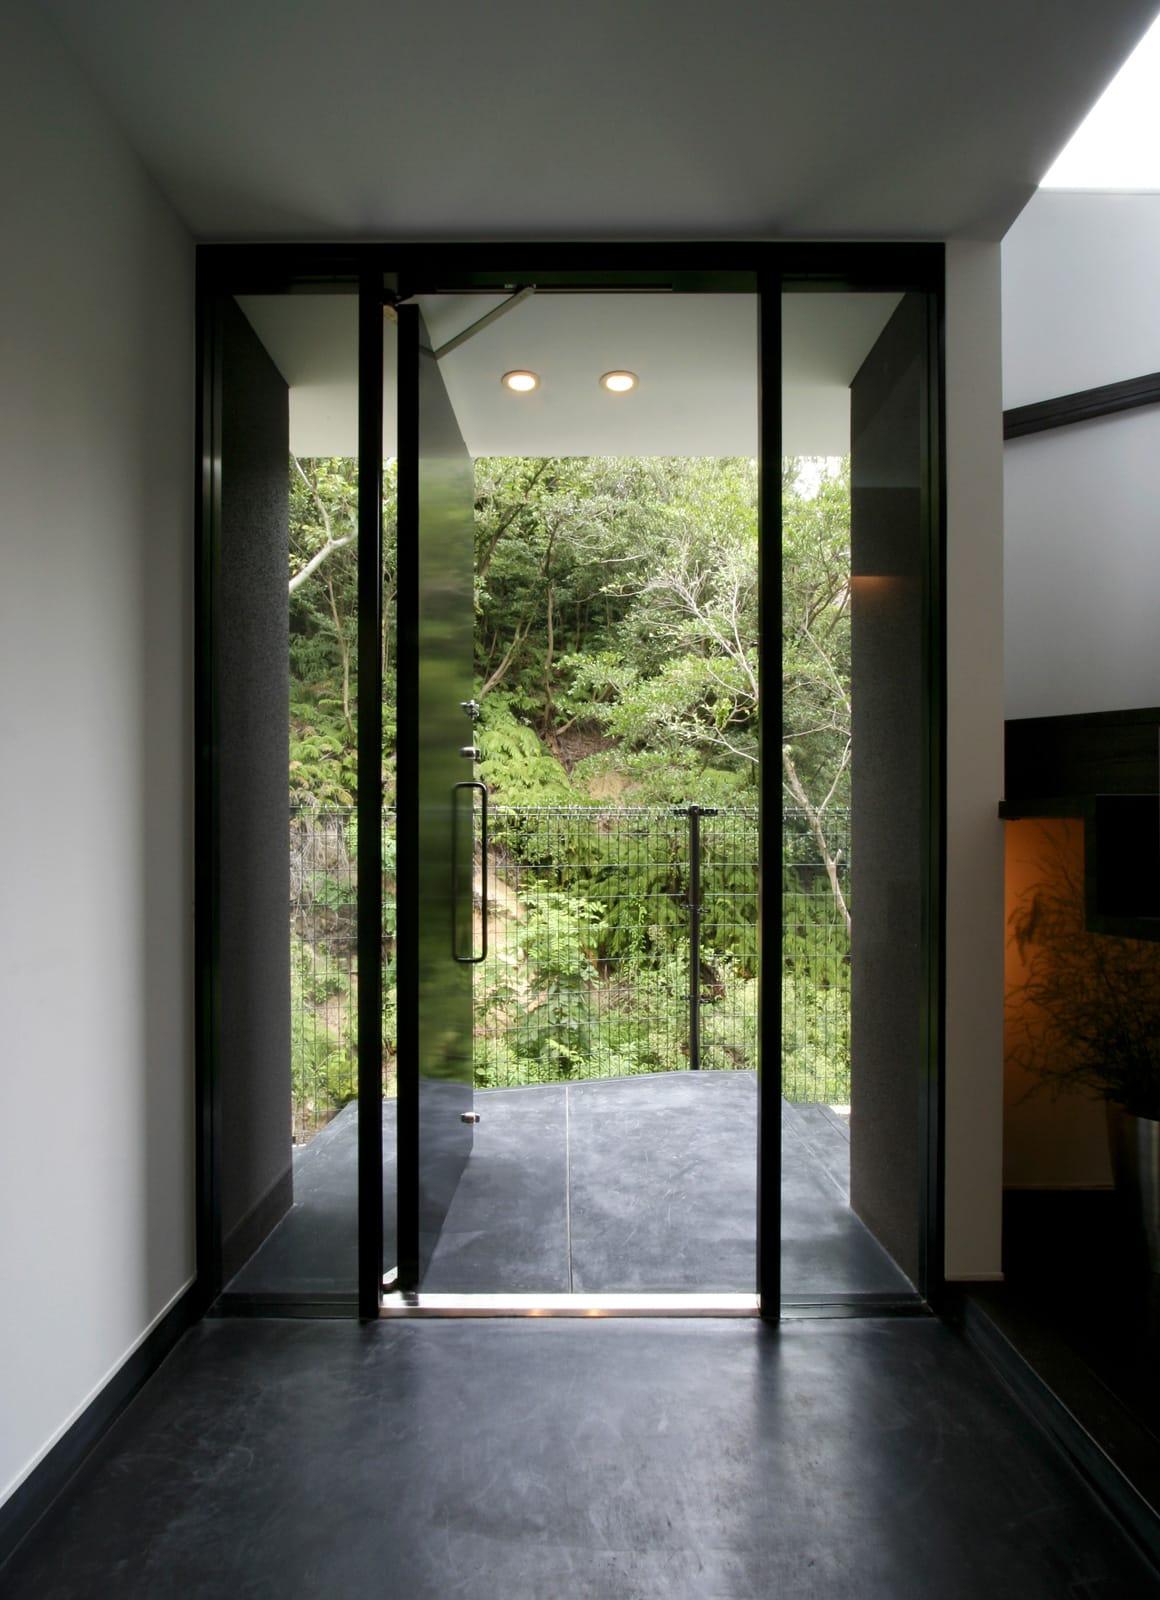 眺望と森をリビングで感じる家の玄関(土間・ホール)1